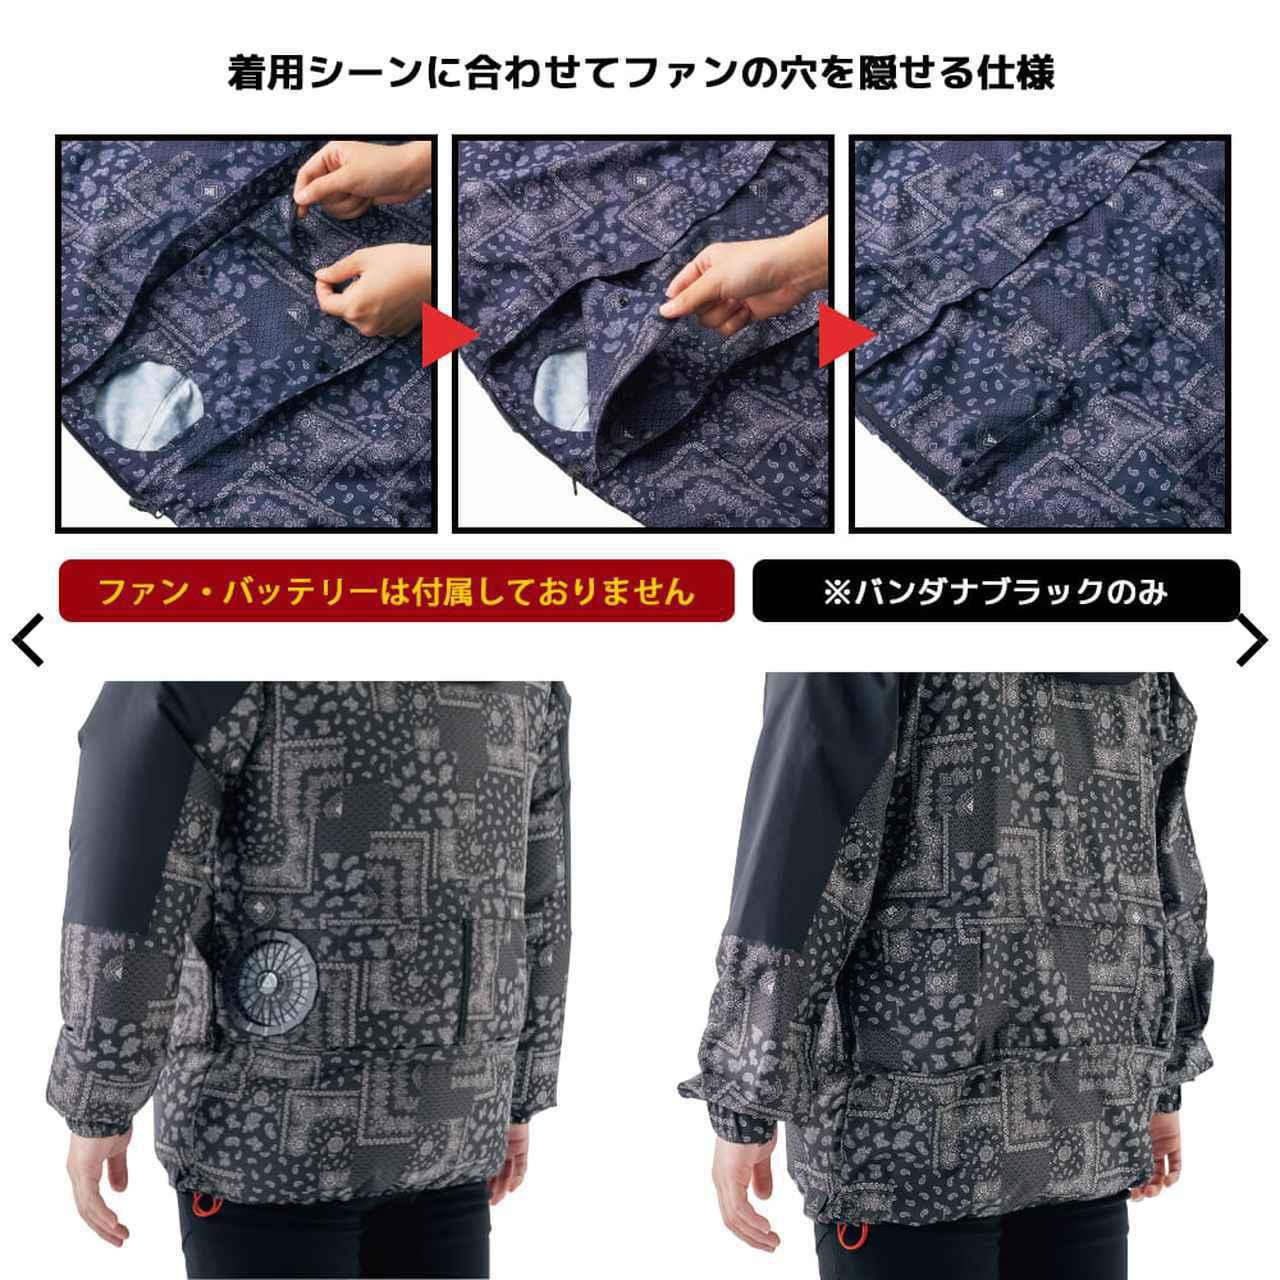 画像: 日常普段着としても着用可能な「ファンの穴が隠せるタイプ」が急上昇